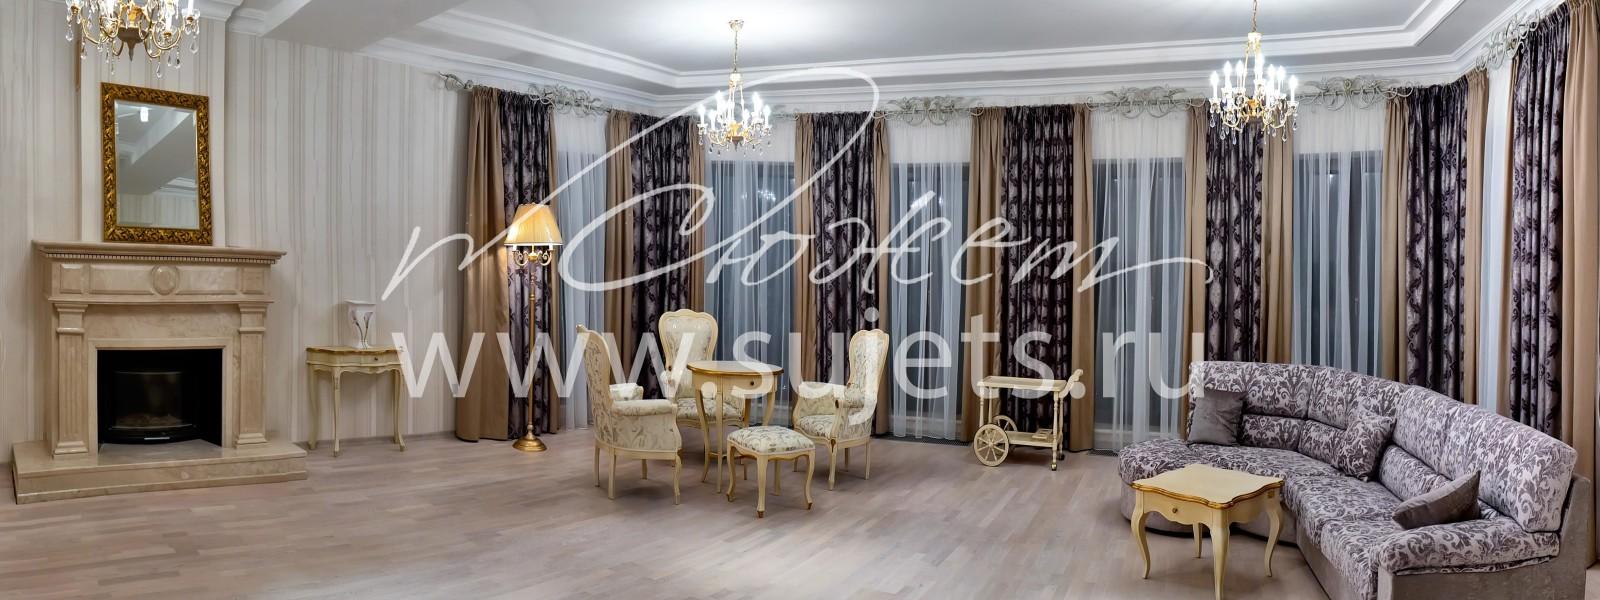 Комплектация мебелью и предметами интерьера